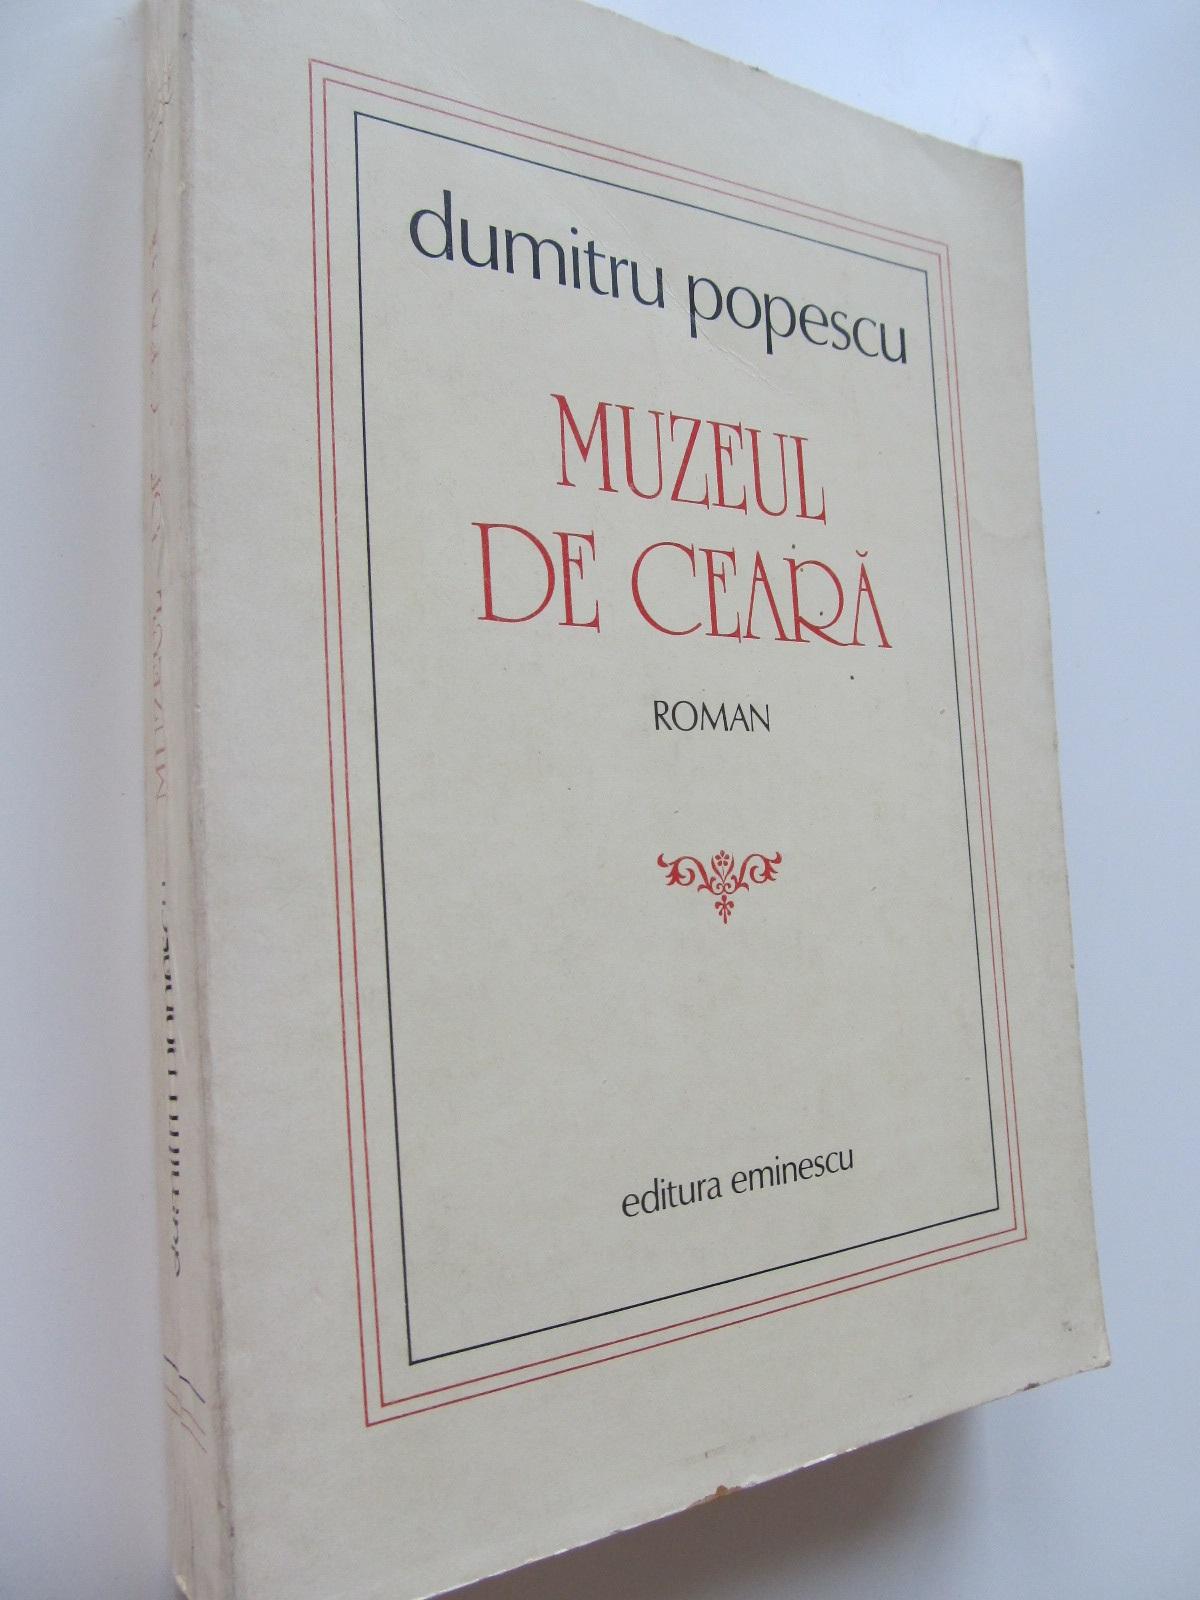 Muzeul de ceara - Dumitru Popescu | Detalii carte